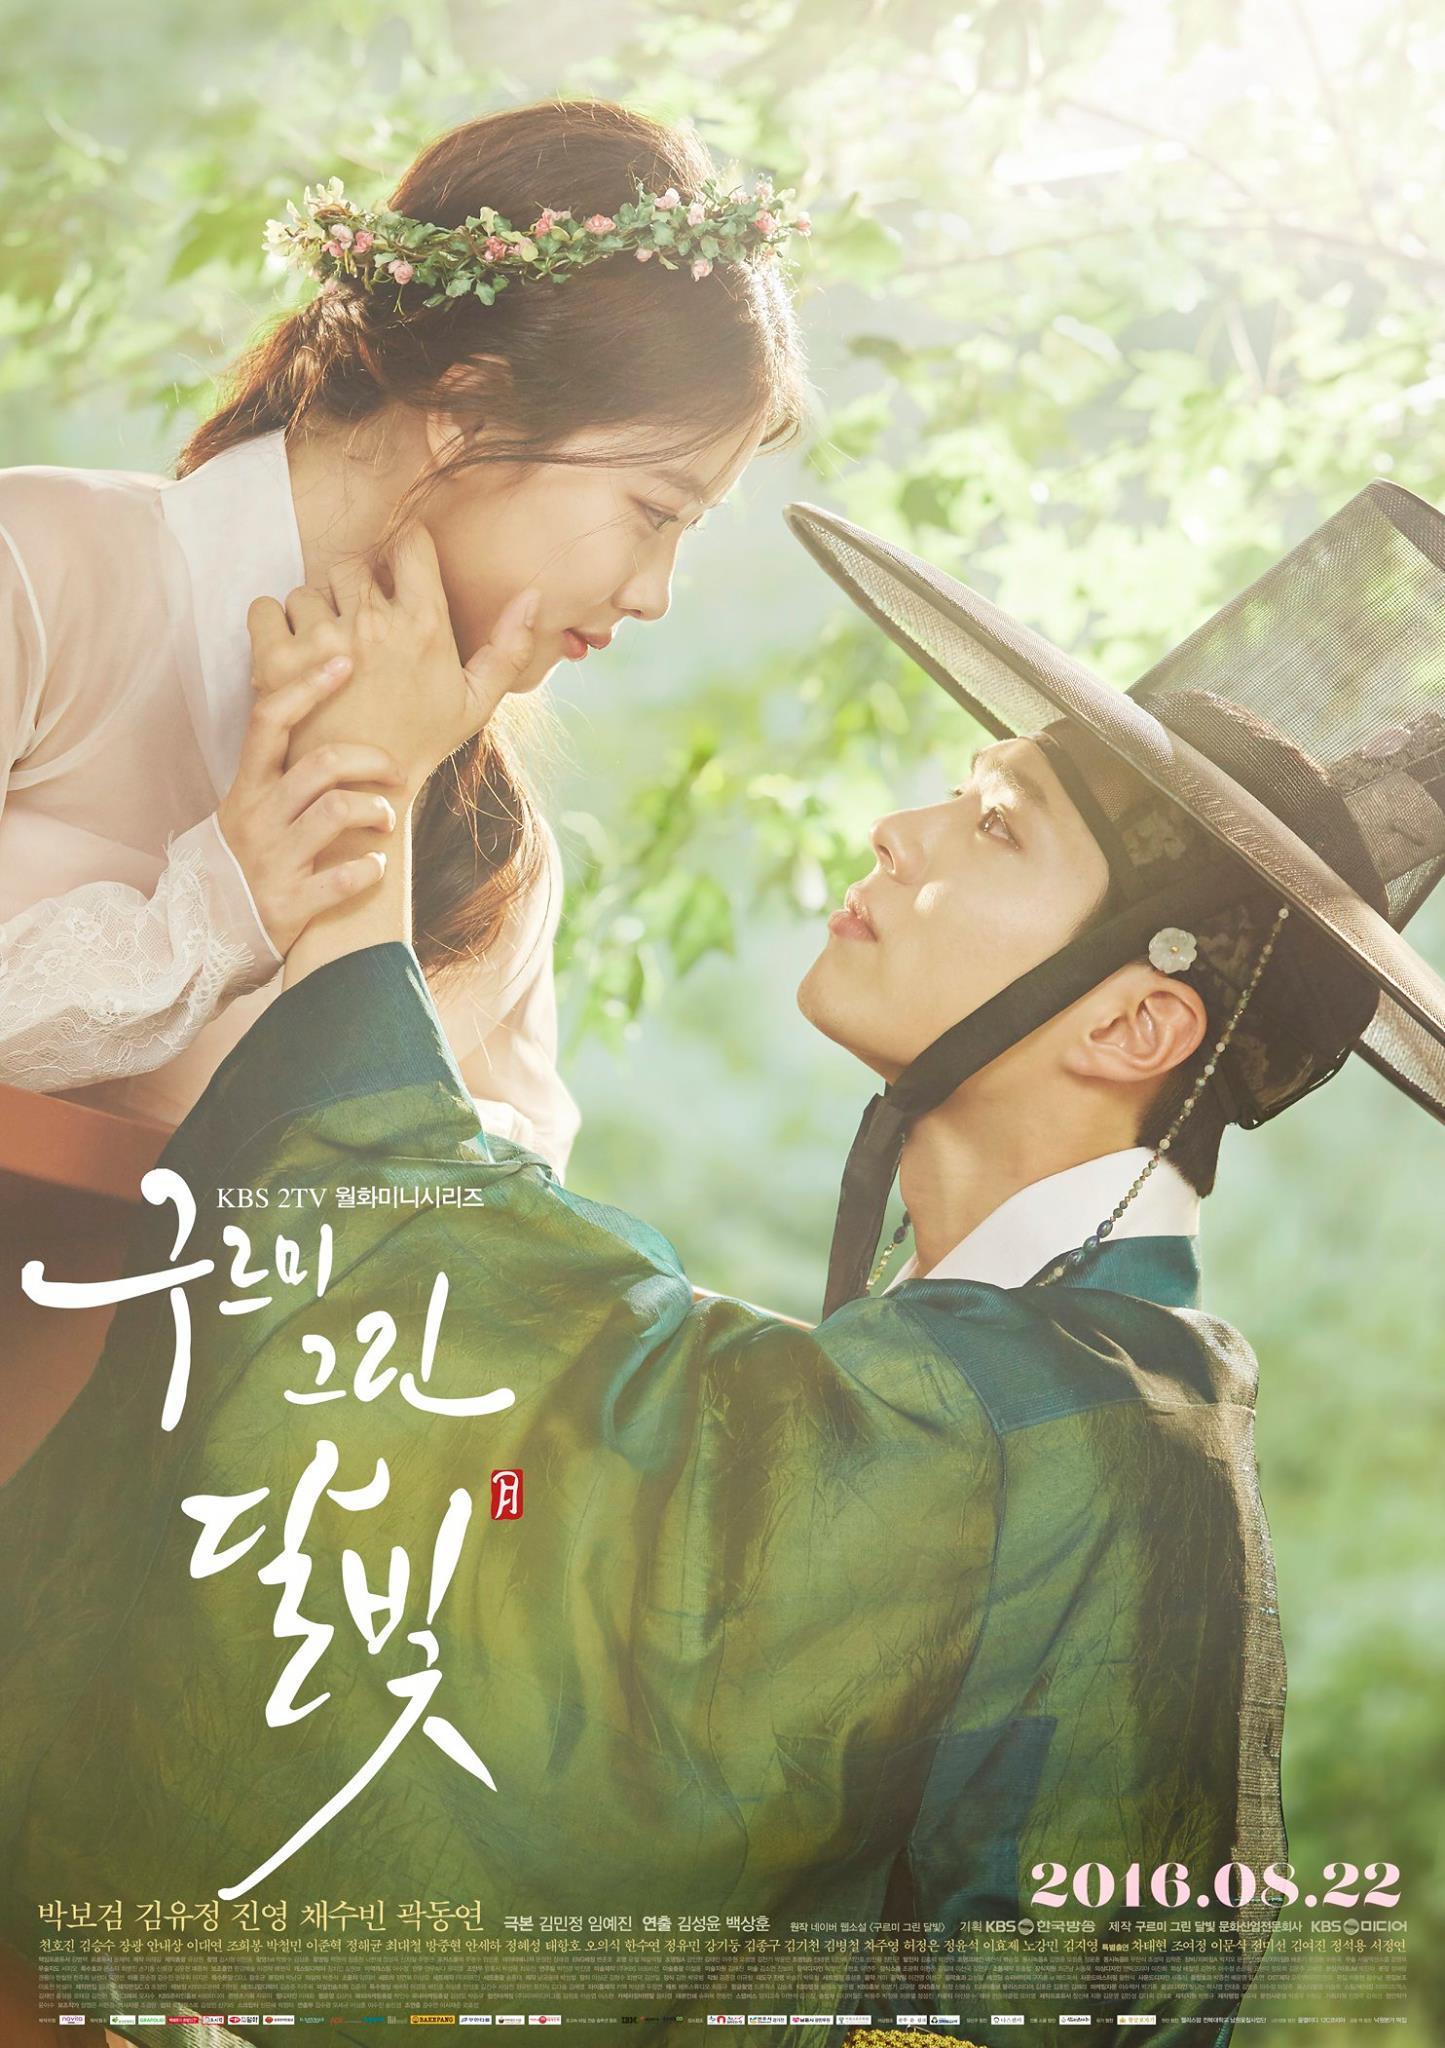 近年韩国古装剧大盘点,网友们认为这5部剧值得多次回味!插图4